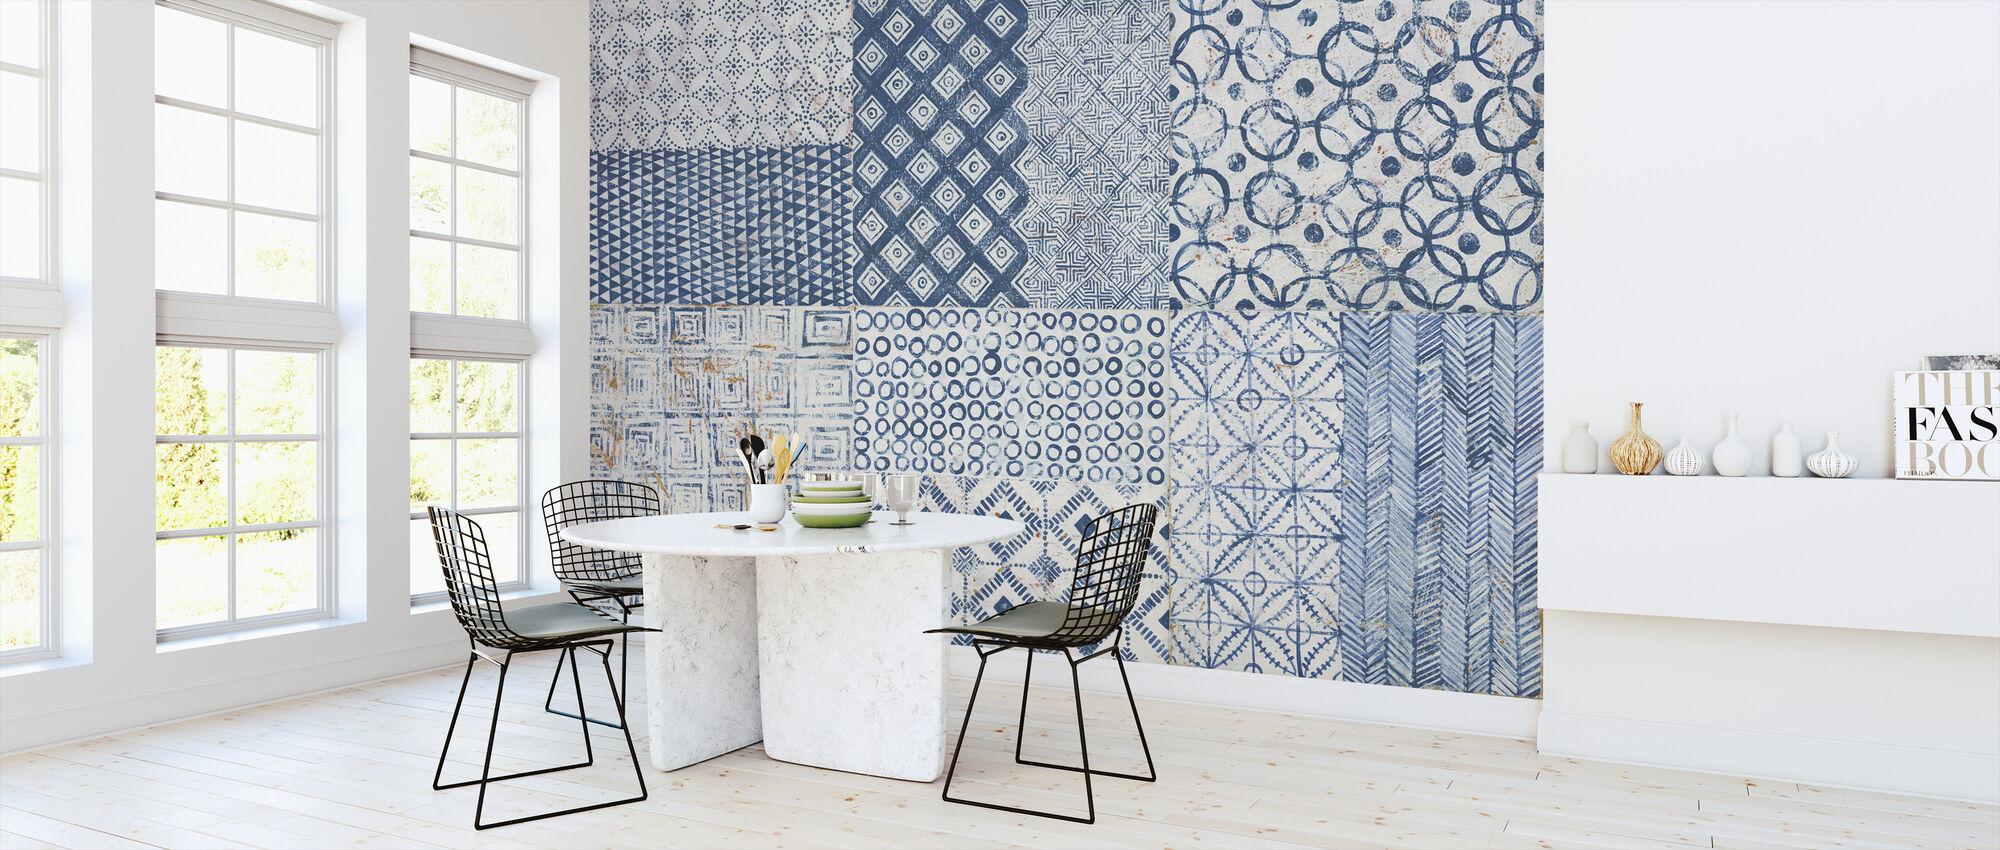 Maki Tile XVII - Wallpaper - Kitchen